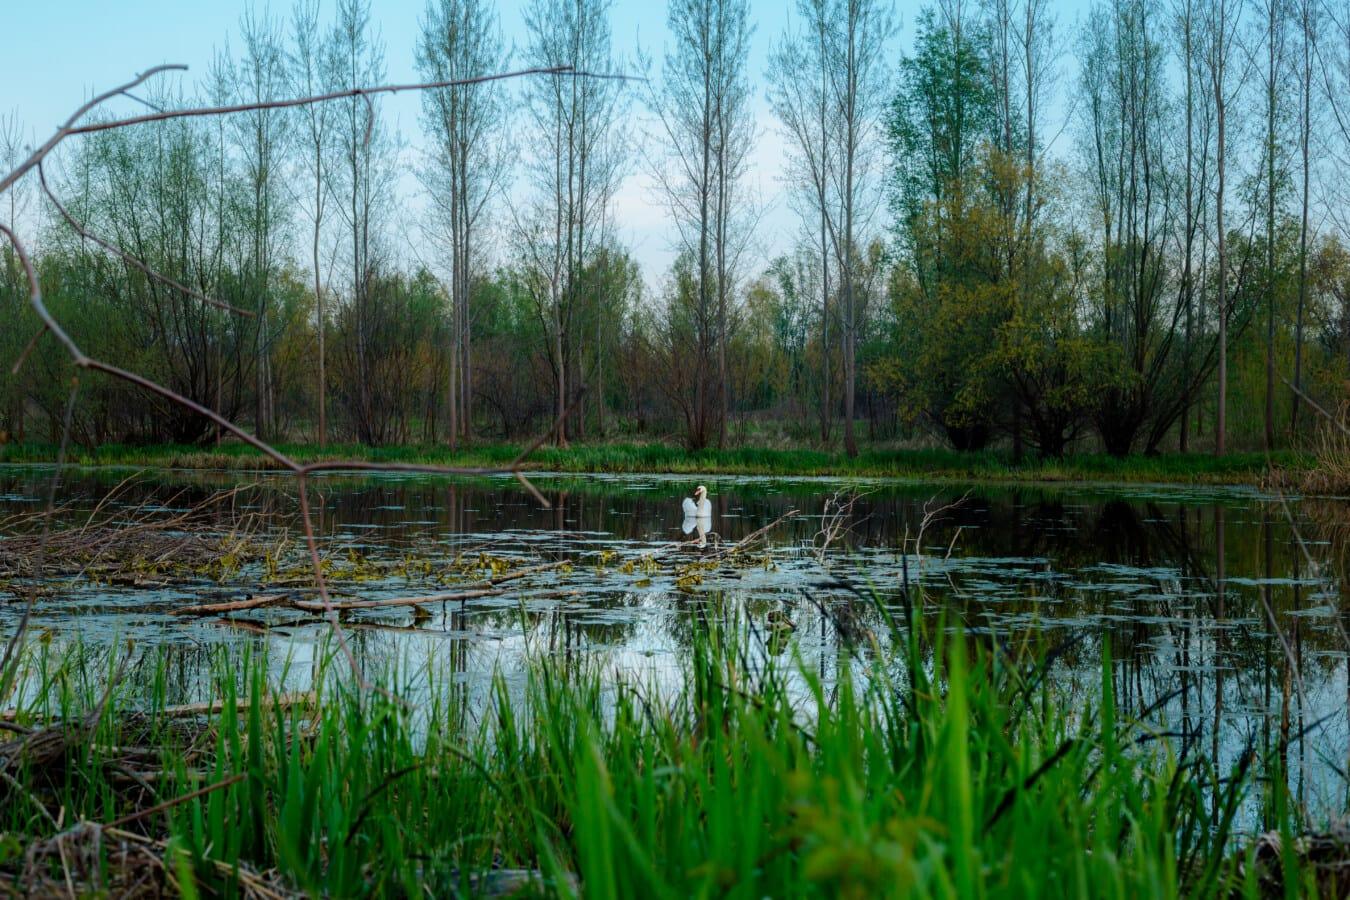 Marschland, Schwan, Sumpf, Wildnis, Tierwelt, Natur, Land, Wasser, Feuchtgebiet, Landschaft